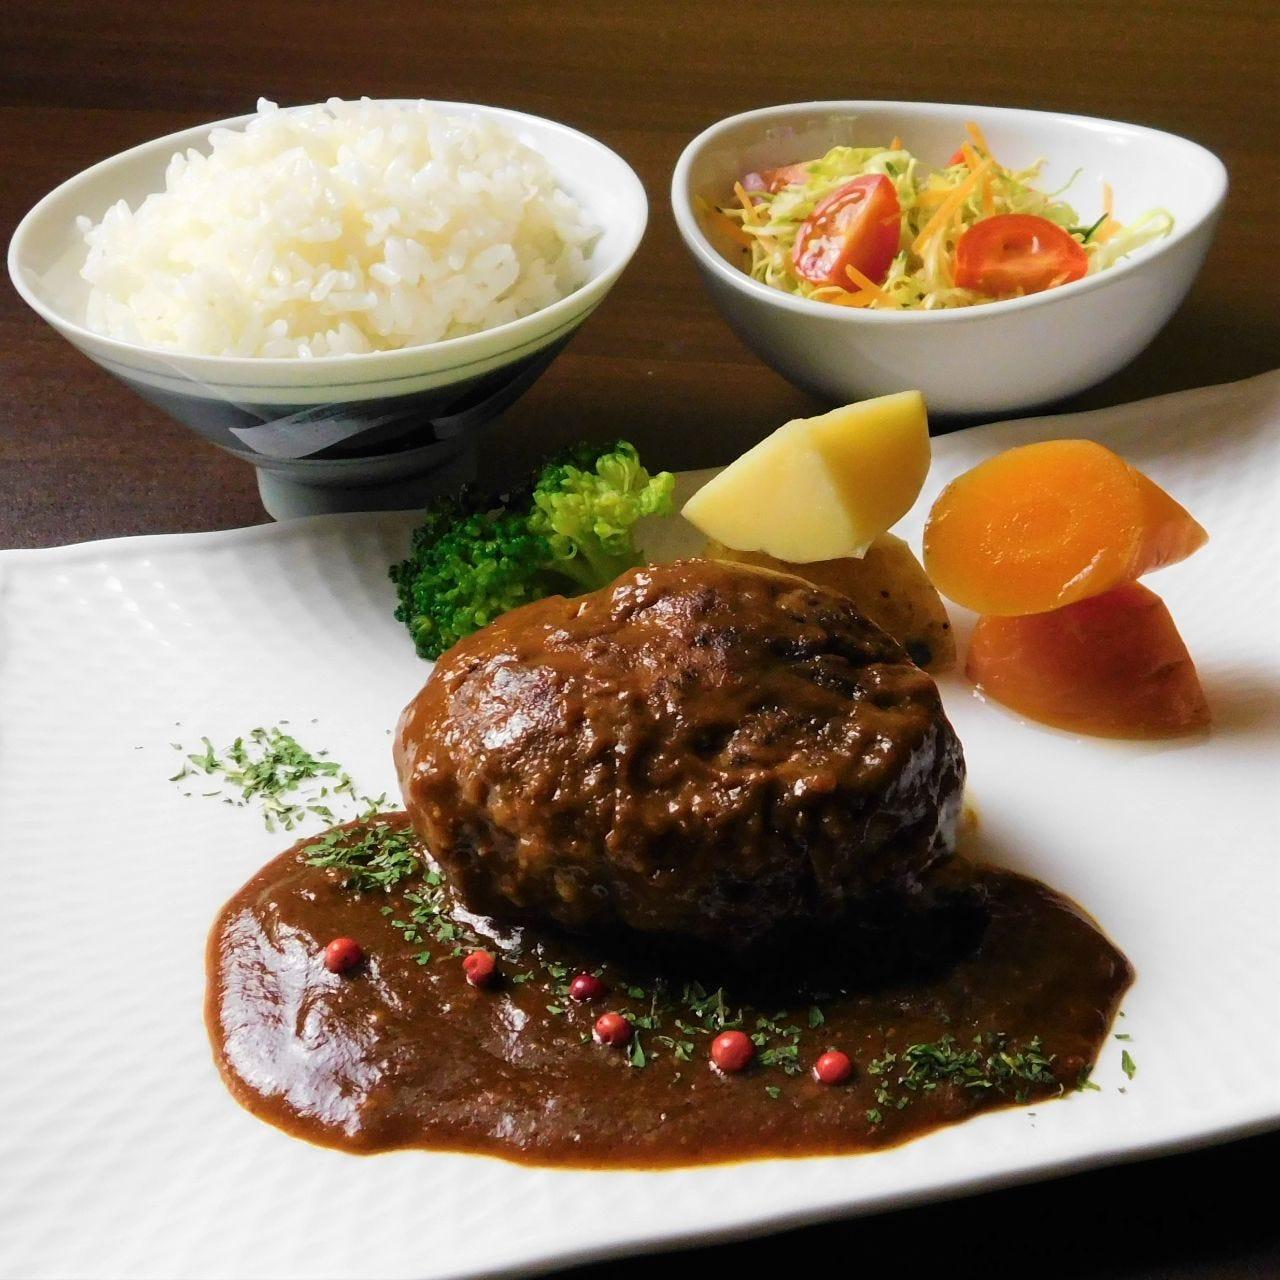 ごっさん手作りの料理をご家庭の食卓でお食事ください